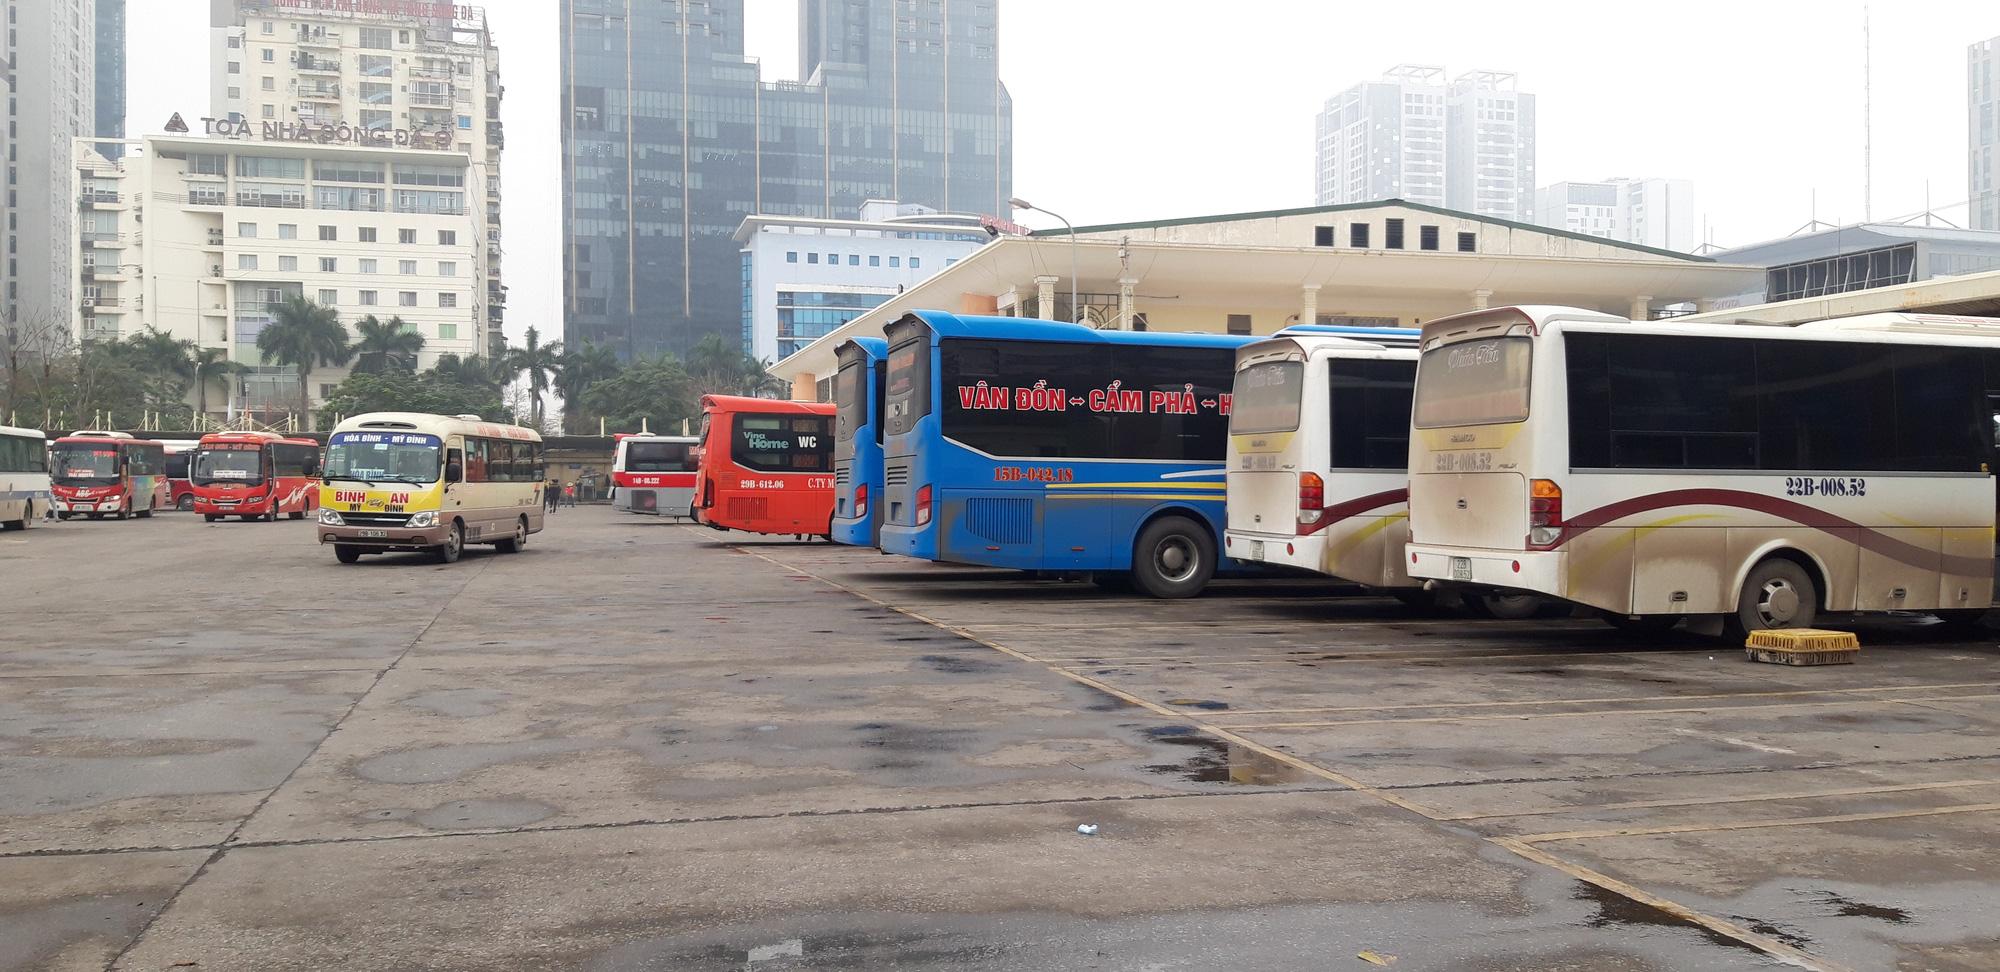 Cảnh vắng lặng ở ga tàu, bến xe Hà Nội: Nhiều chuyến xe rời bến chỉ mình tài xế, không hành khách - Ảnh 2.